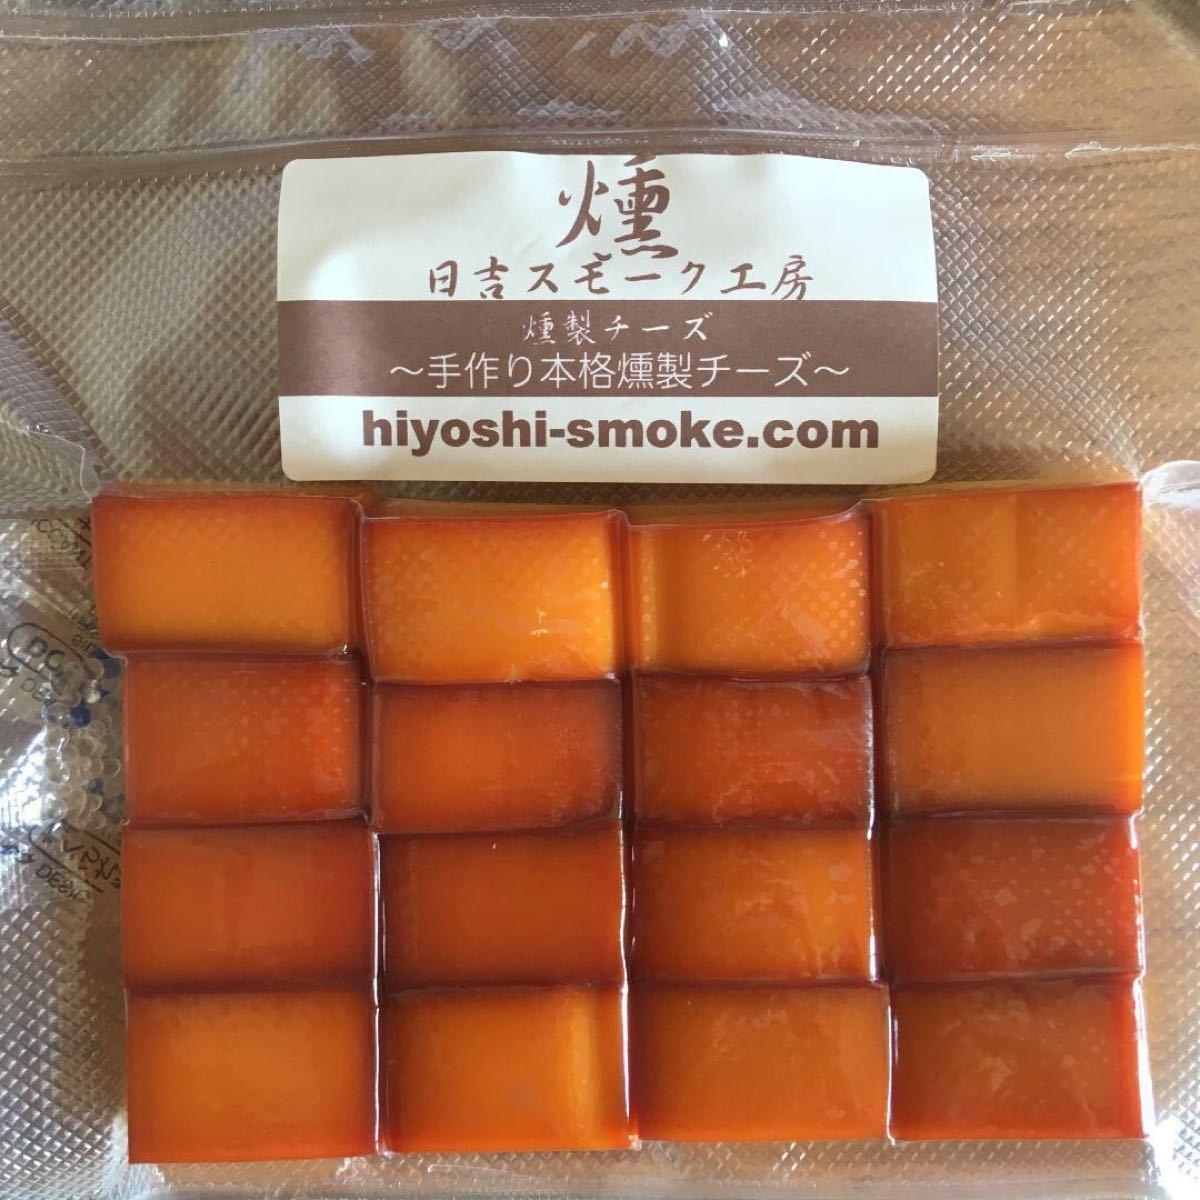 【送料無料即決!!】手作り燻製 本格スモークチーズお得な200gパックです。